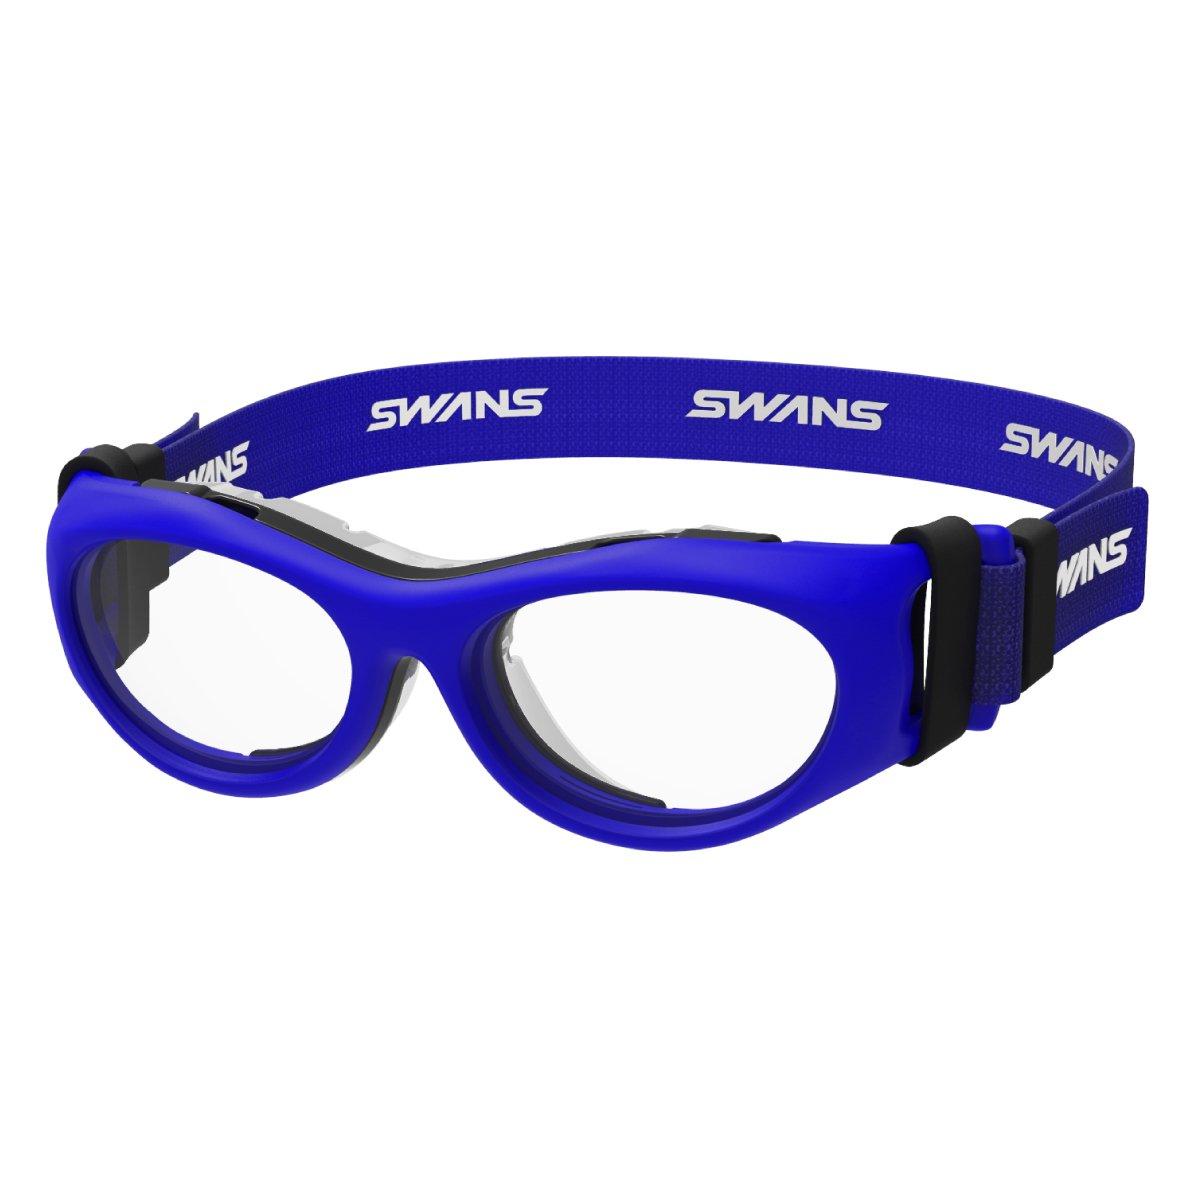 正規店仕入れの SWANS(スワンズ) SWANS(スワンズ) アイガード アイガード SVS-700N 6歳~10歳まで 6歳~10歳まで ネイビー×クリア スポーツ用メガネフレーム B0787GLJX9, ハッピーフィール:6fdebe0f --- ballyshannonshow.com